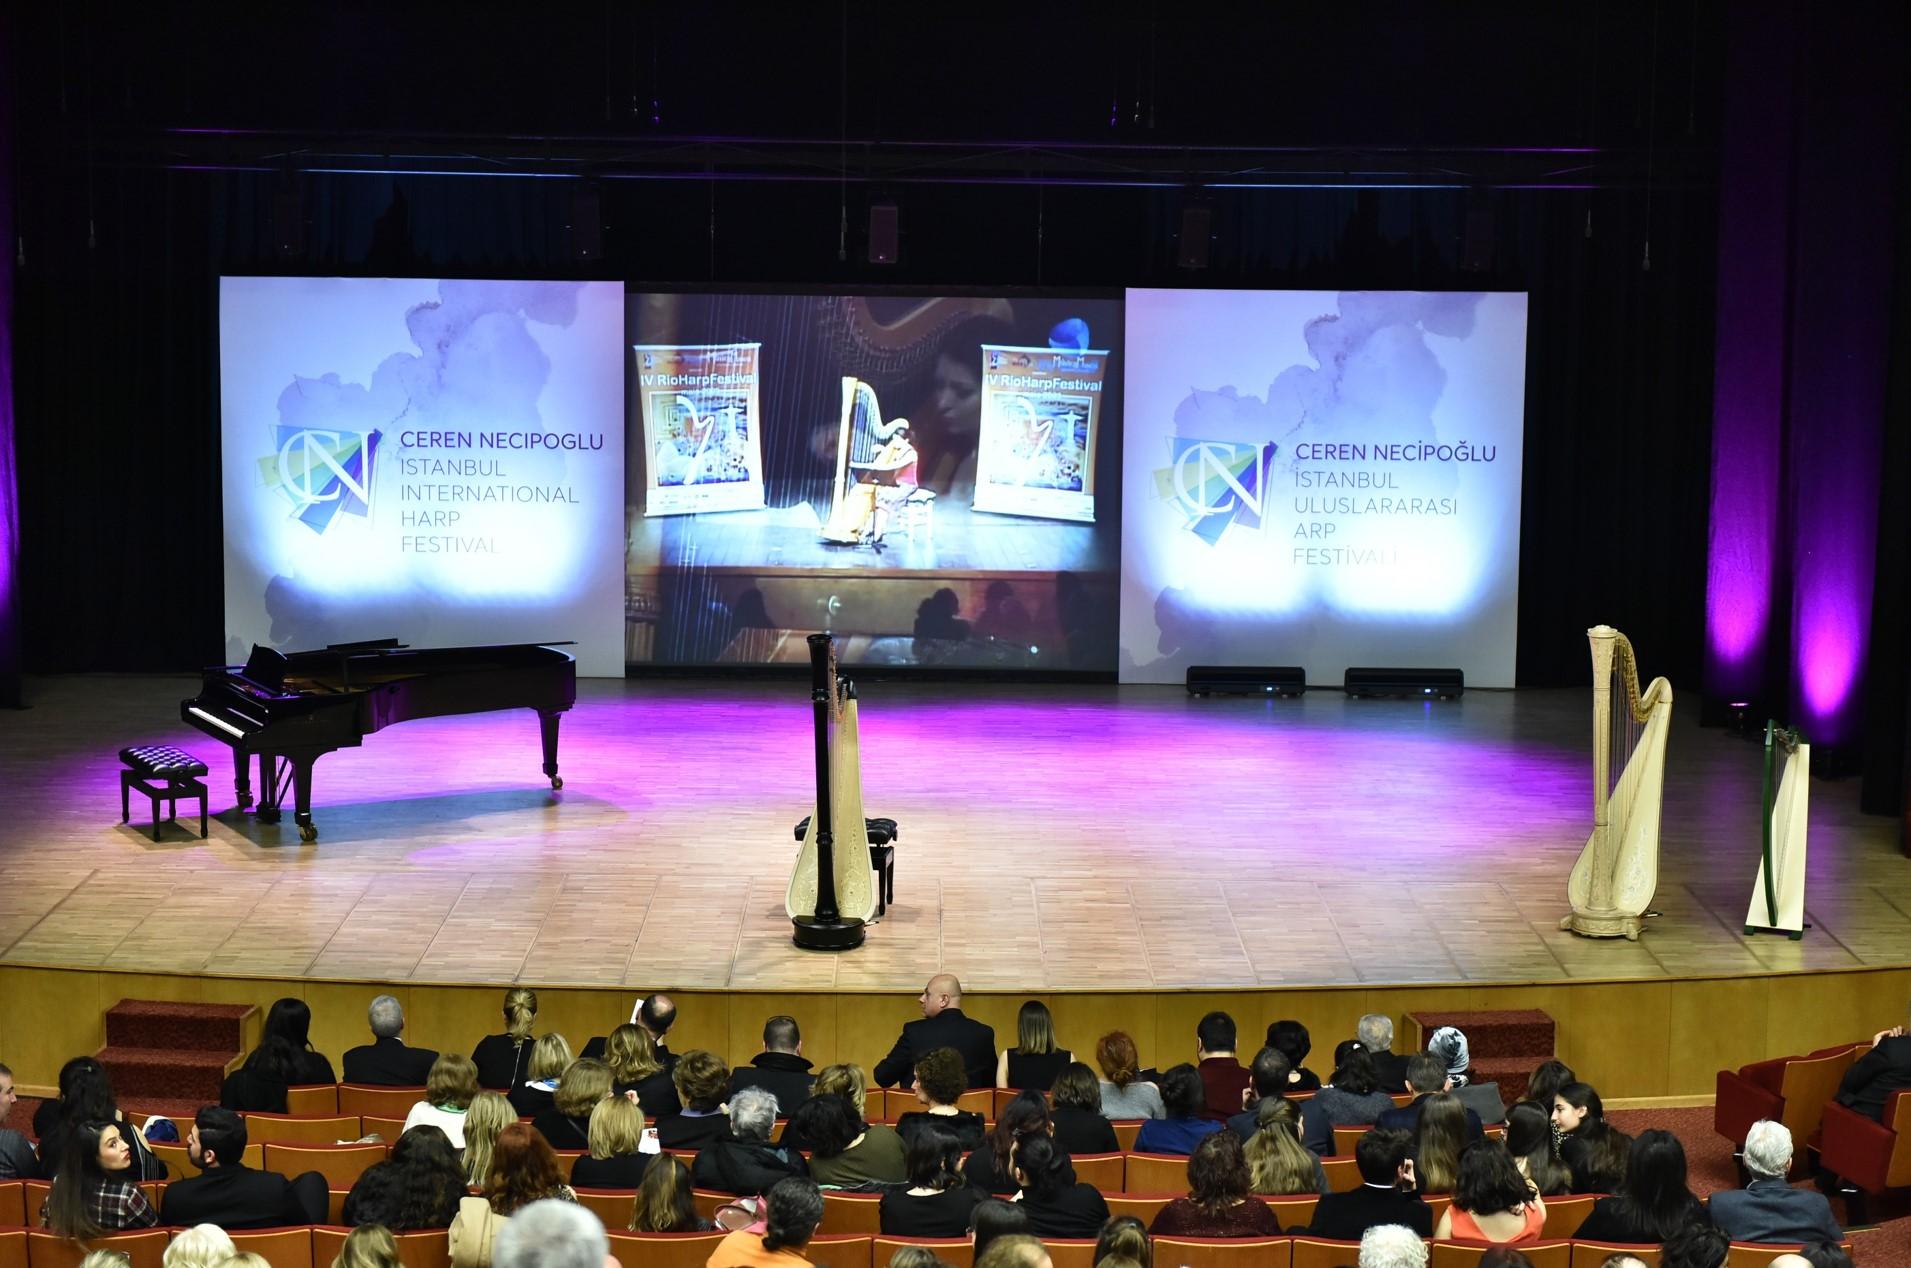 CN İstanbul Uluslararası Arp Festivali